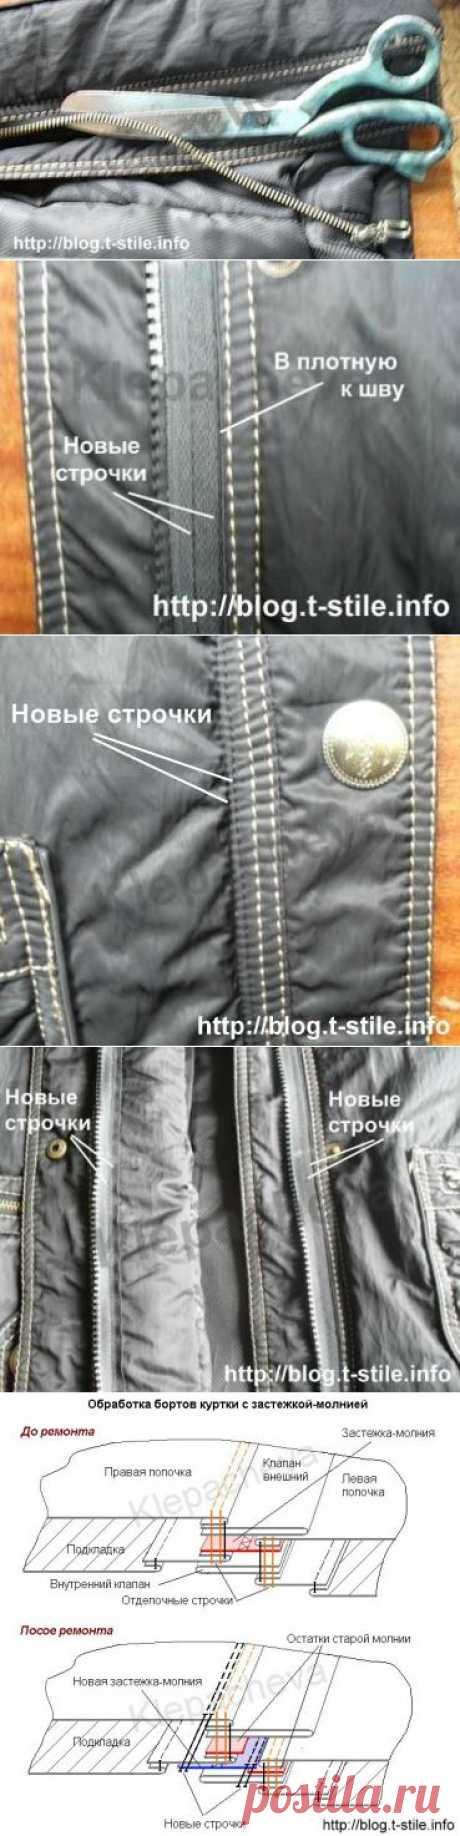 Как заменить молнию на куртке, не распарывая отделочных строчек!.